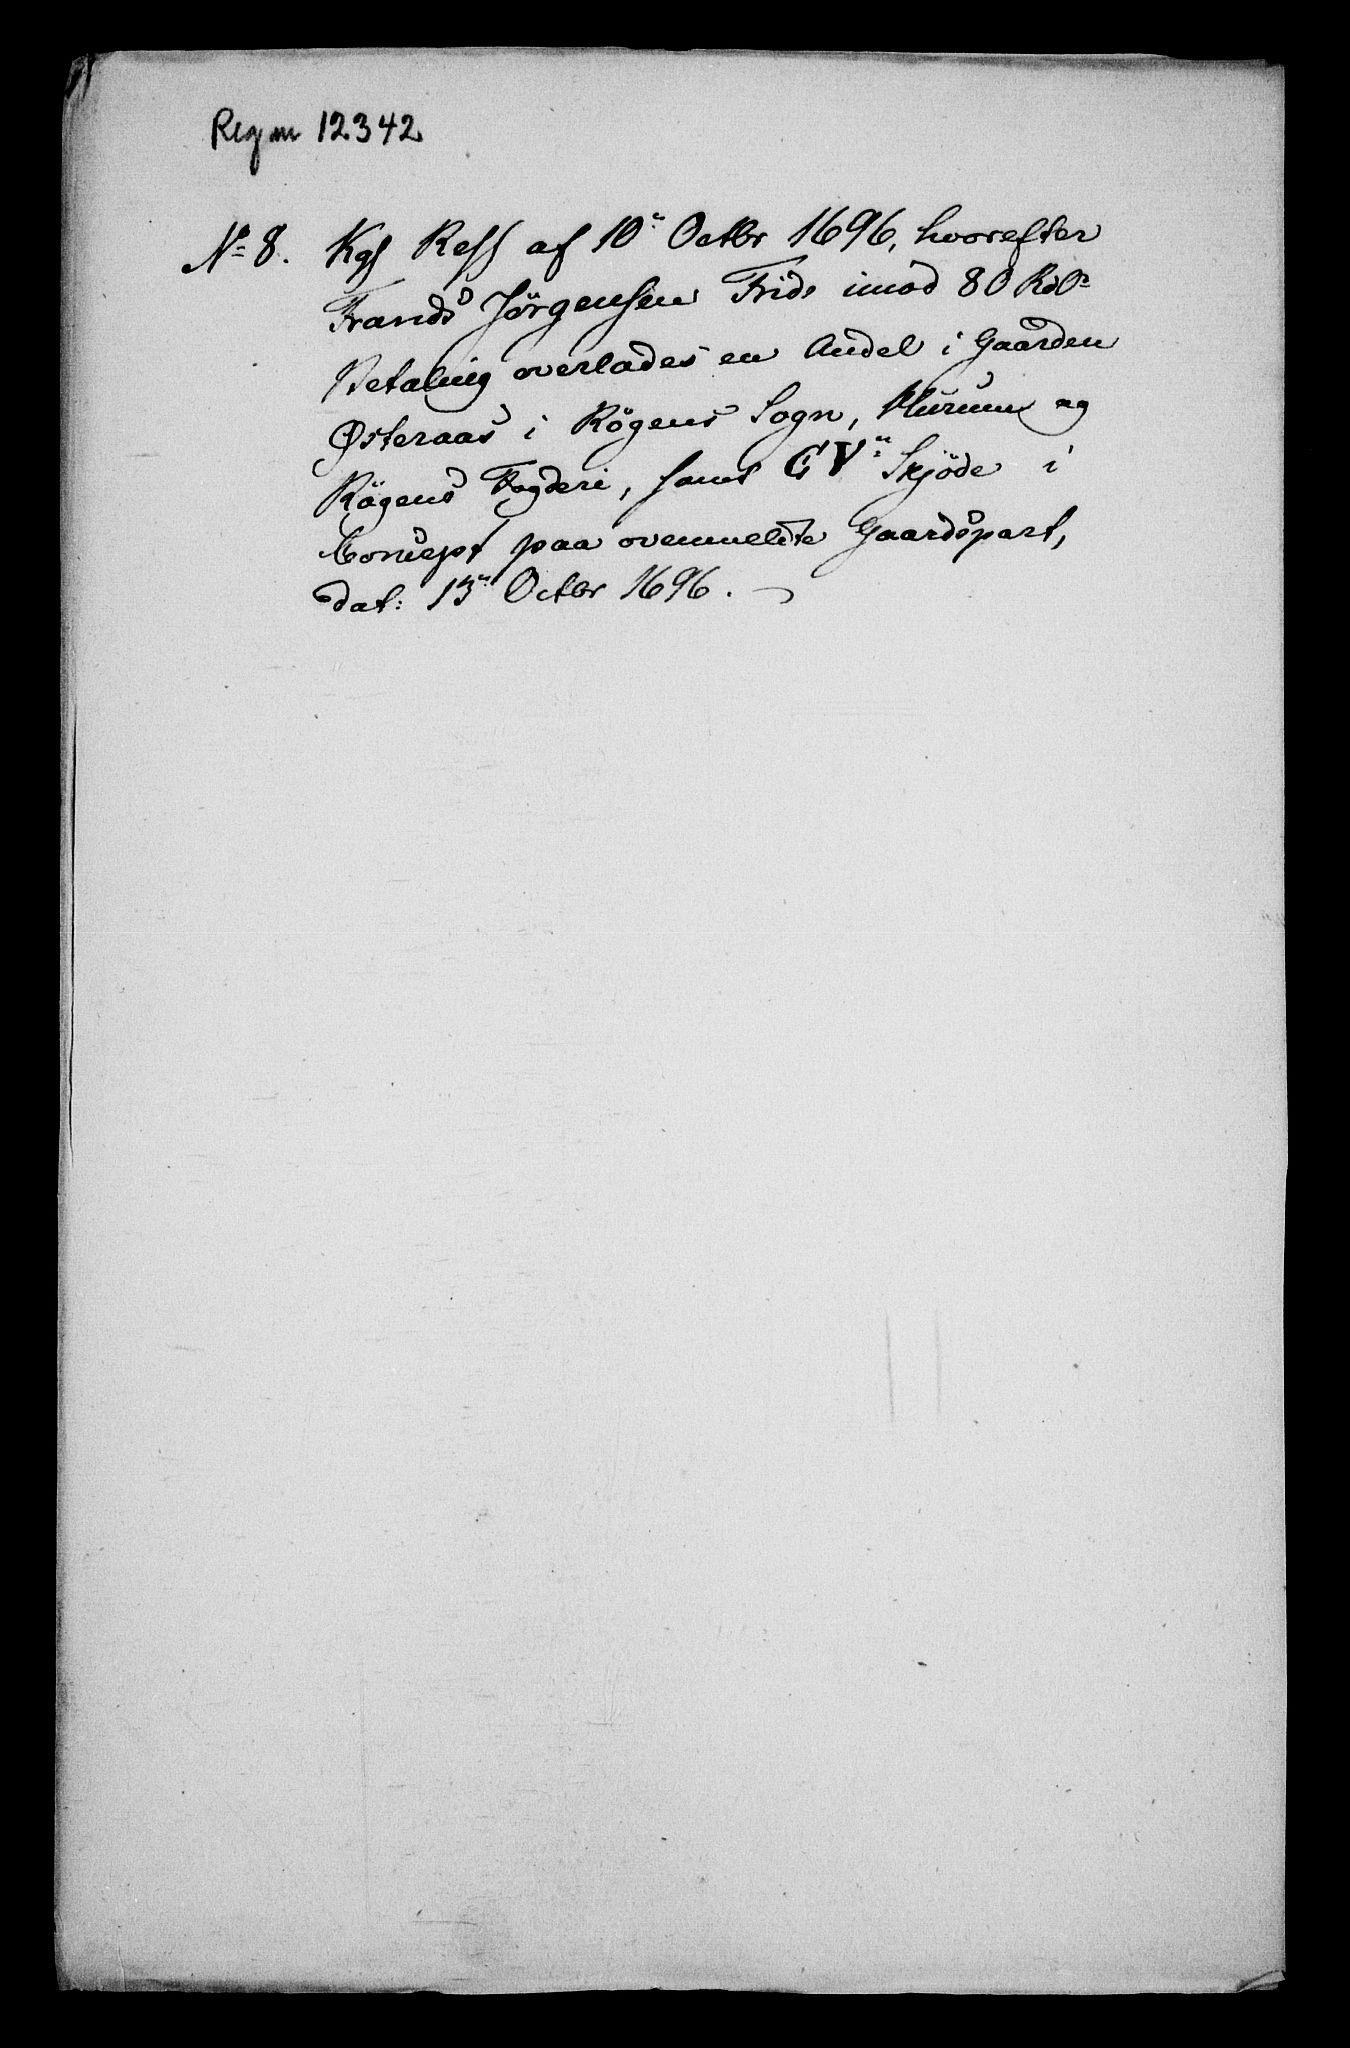 RA, Rentekammeret inntil 1814, Realistisk ordnet avdeling, On/L0013: [Jj 14]: Forskjellige dokumenter om krongodset i Norge, 1672-1722, s. 291